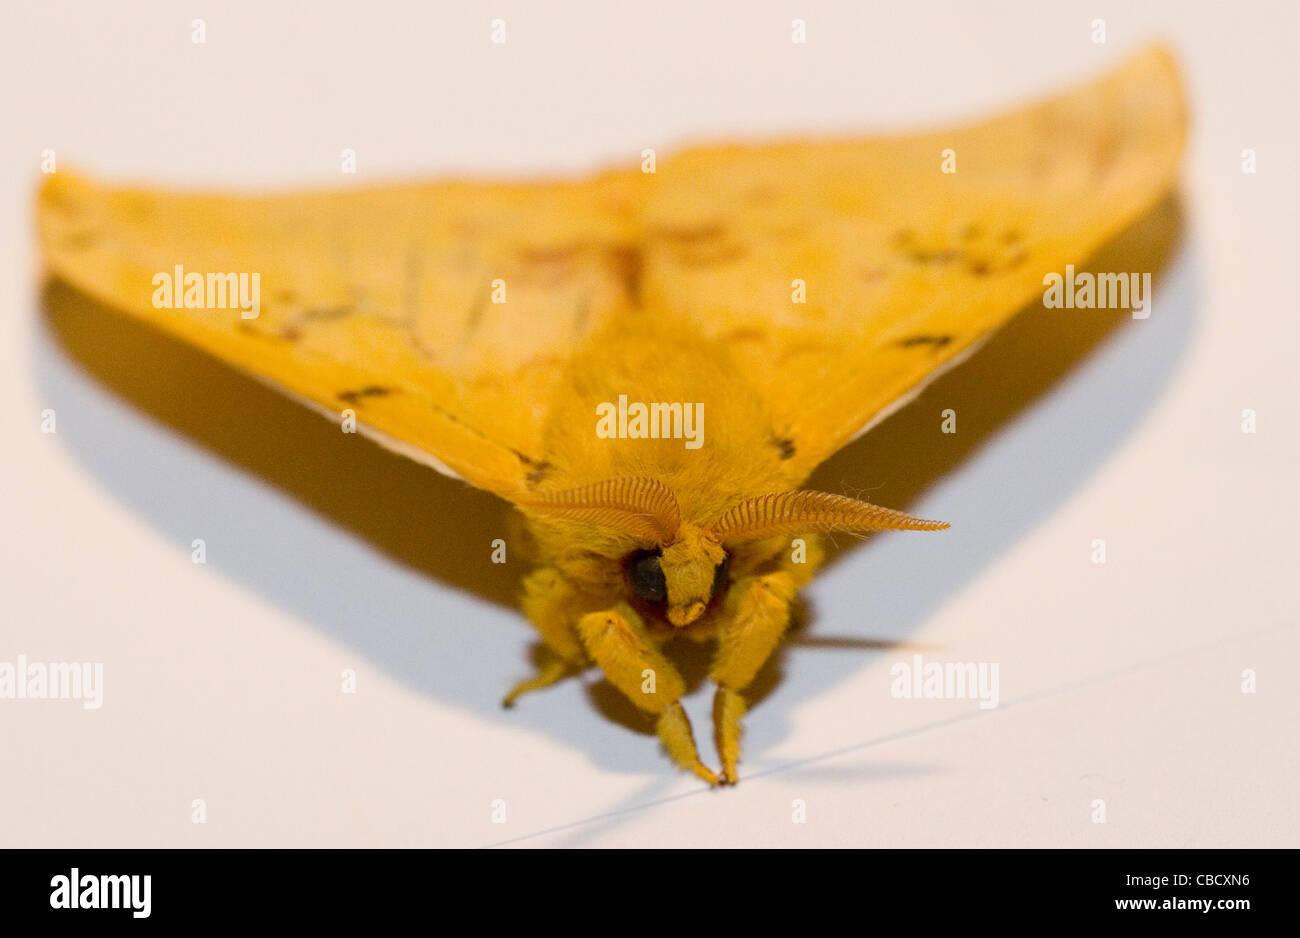 Io Automeris - Macho polilla Io -- Polilla difusa amarillo sobre fondo blanco. Las marcas rojas con manchas ocelares Imagen De Stock